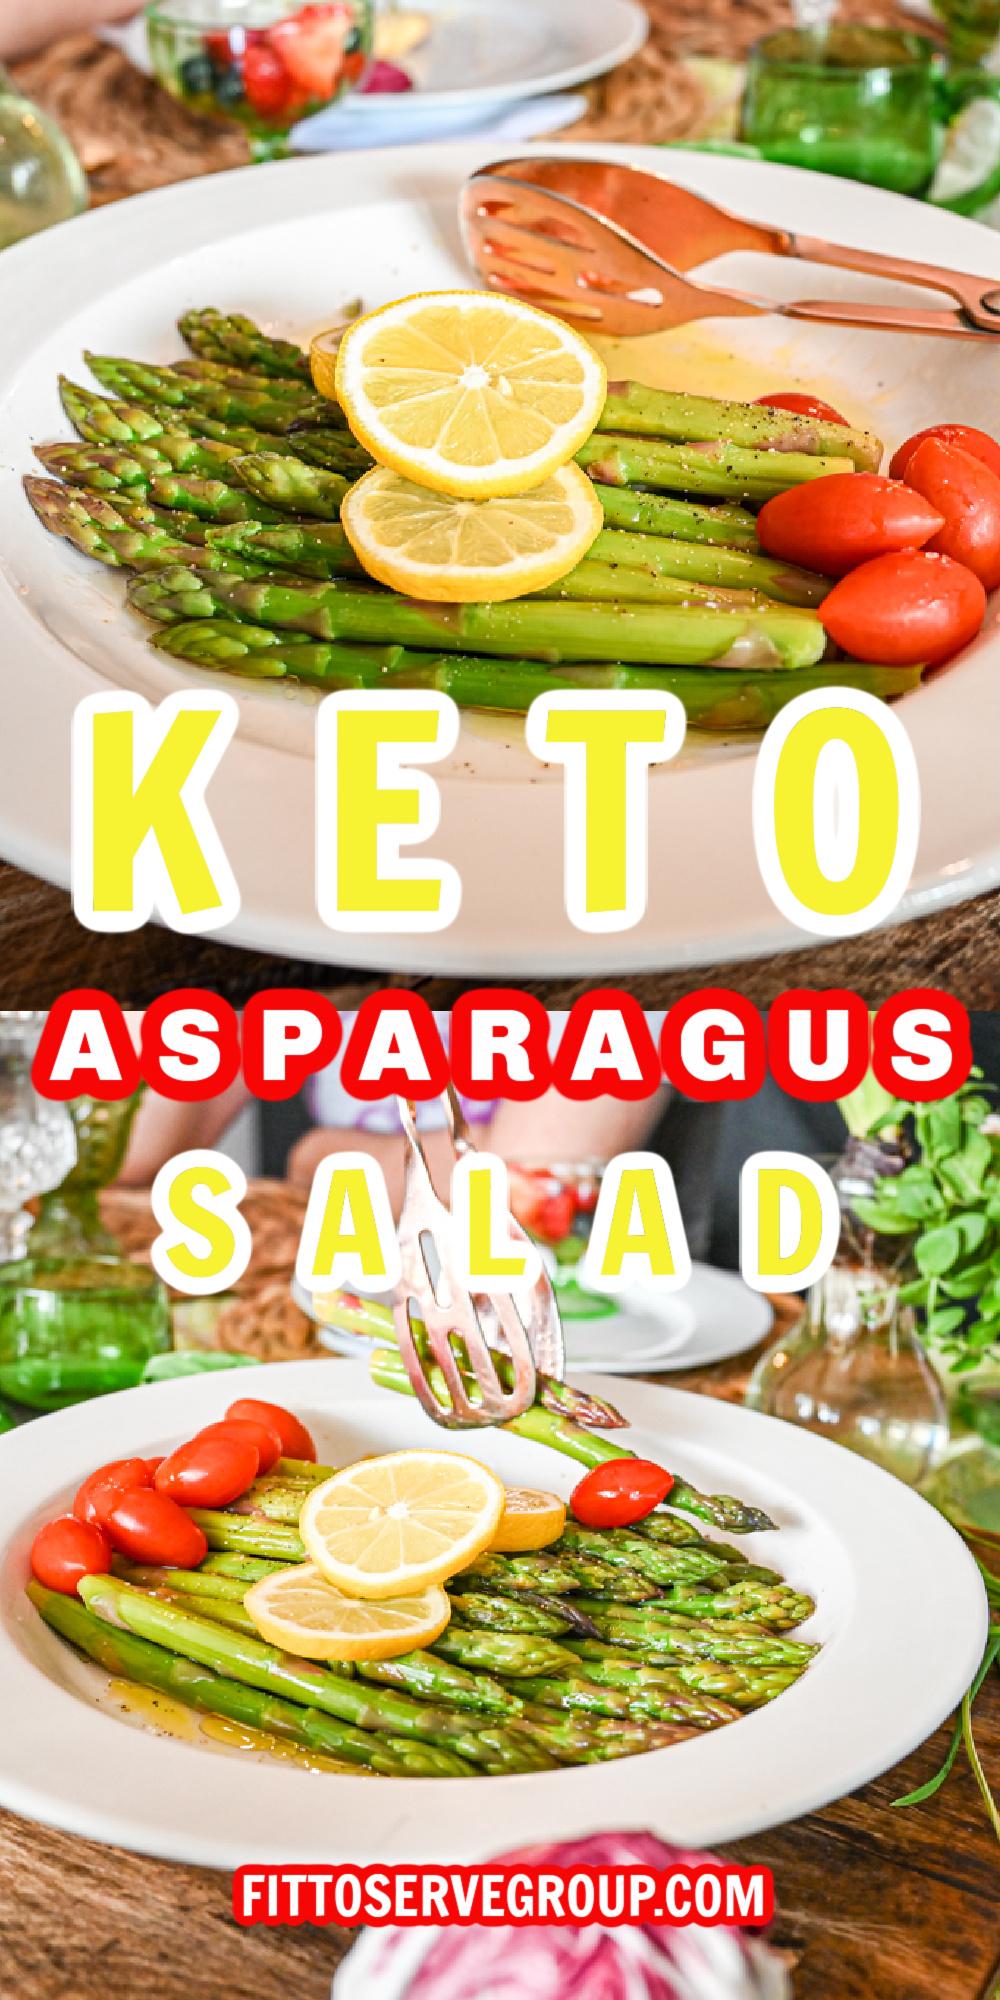 keto asparagus salad pin